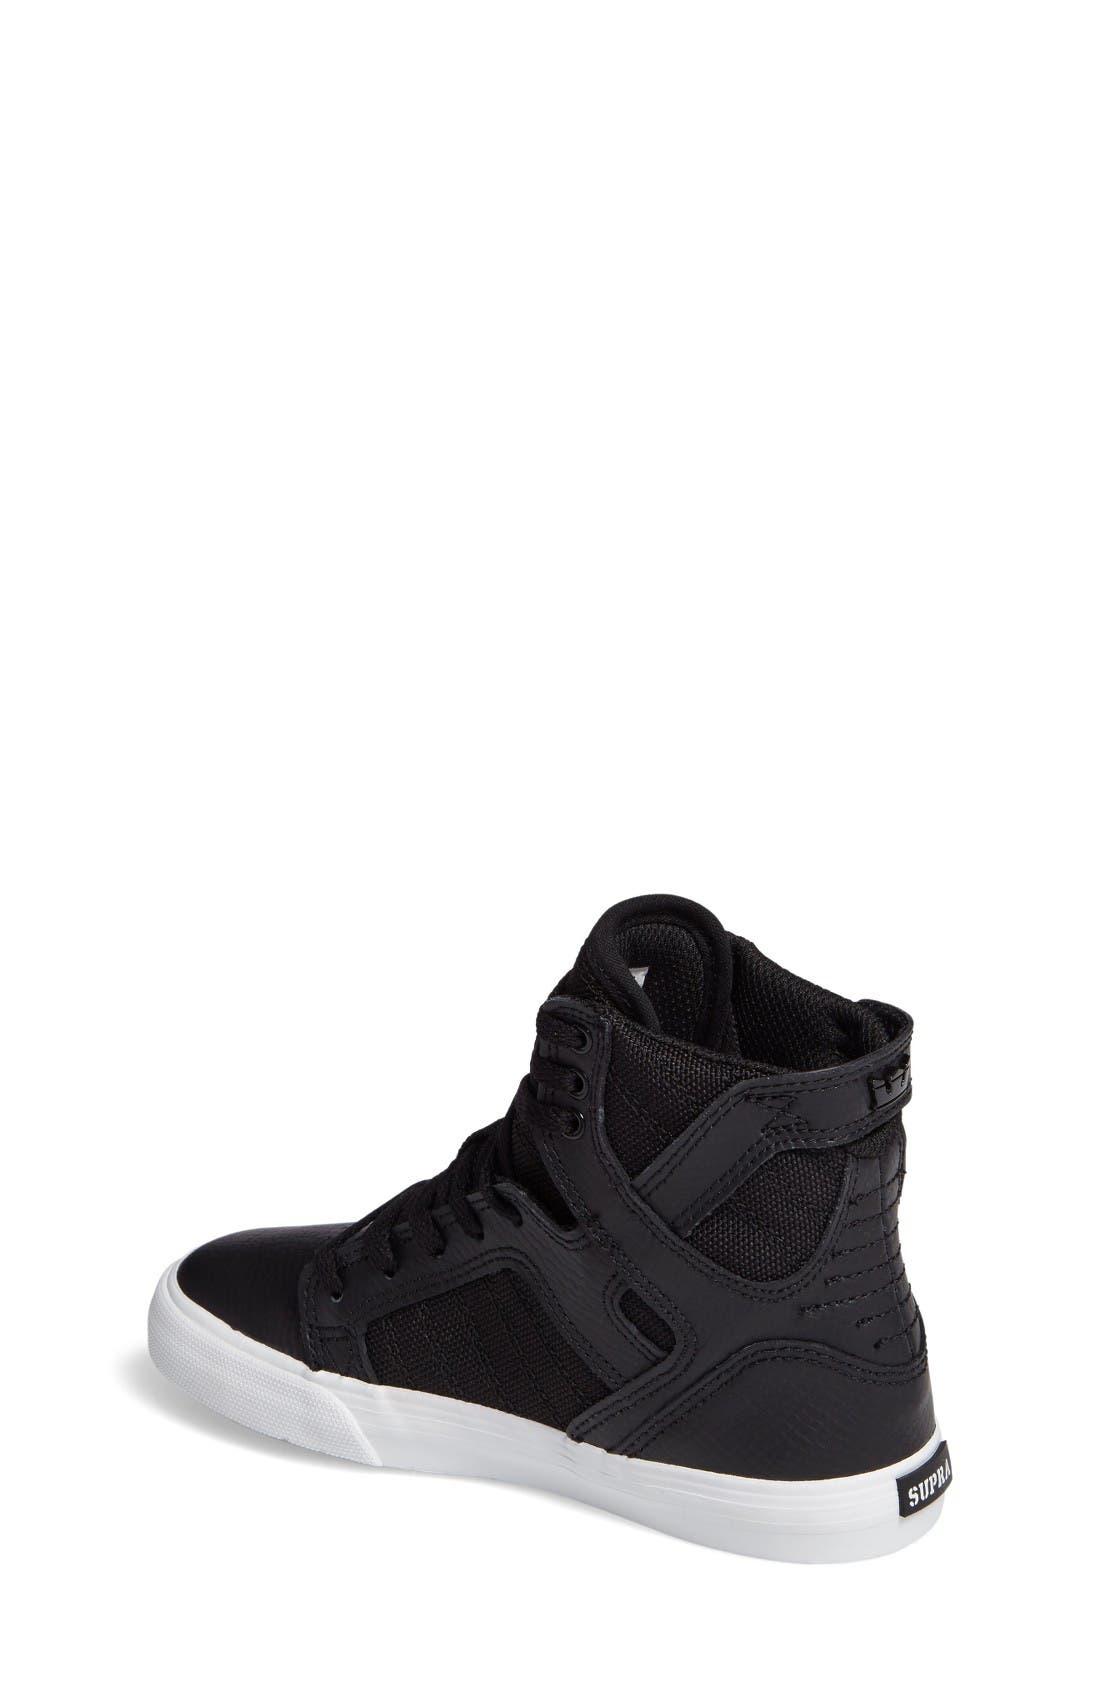 'Skytop' High Top Sneaker,                             Alternate thumbnail 2, color,                             Black/ White